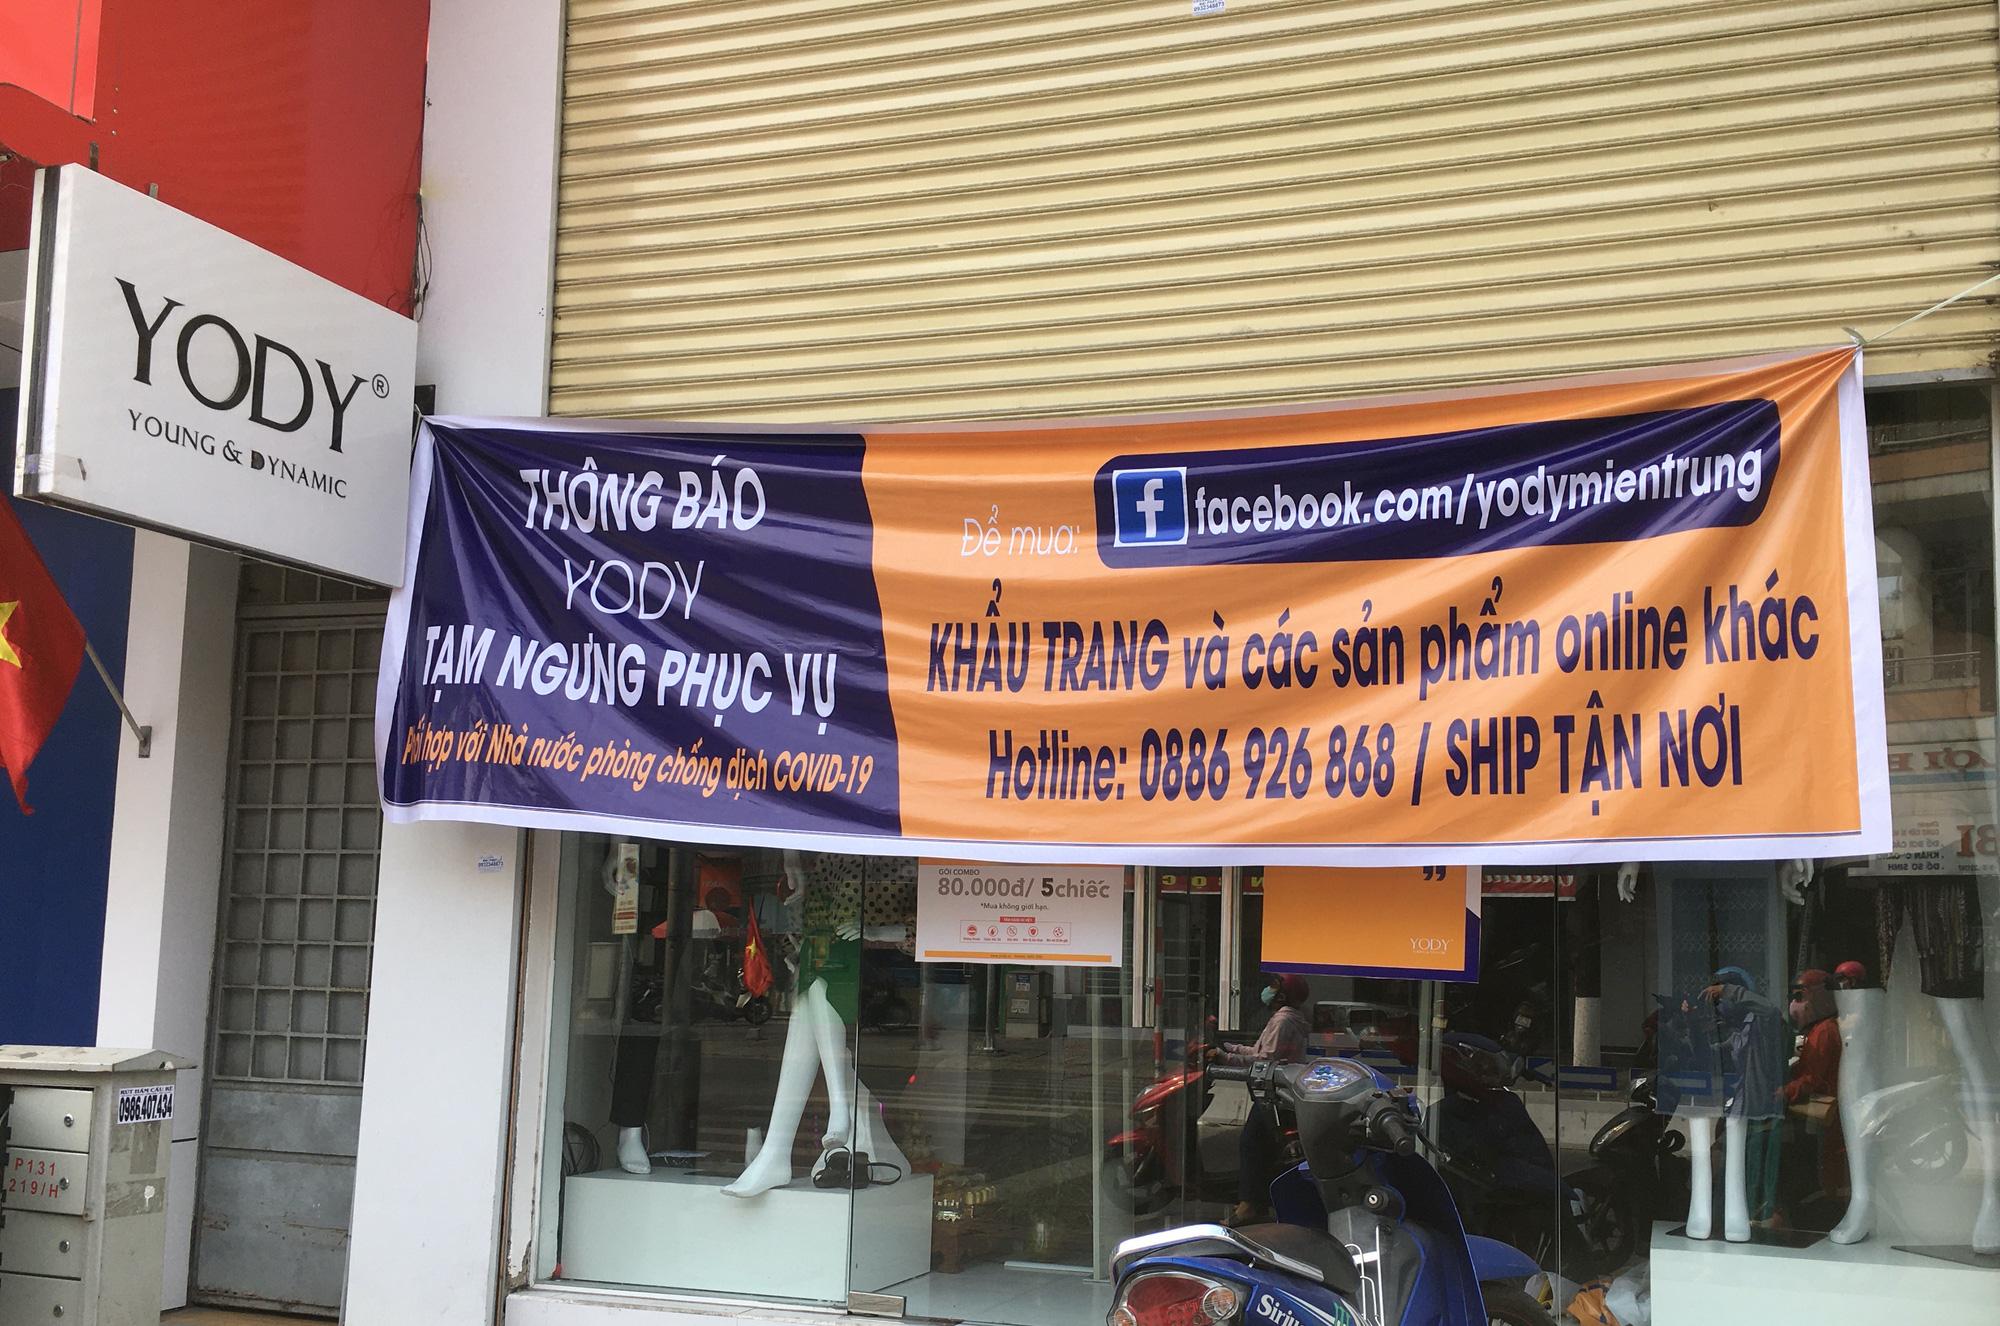 Khách sạn, công trình xây dựng ven biển, các hãng thời trang lớn ở Đà Nẵng đóng cửa hàng loạt trước ngày 'cách li toàn xã hội' - Ảnh 5.